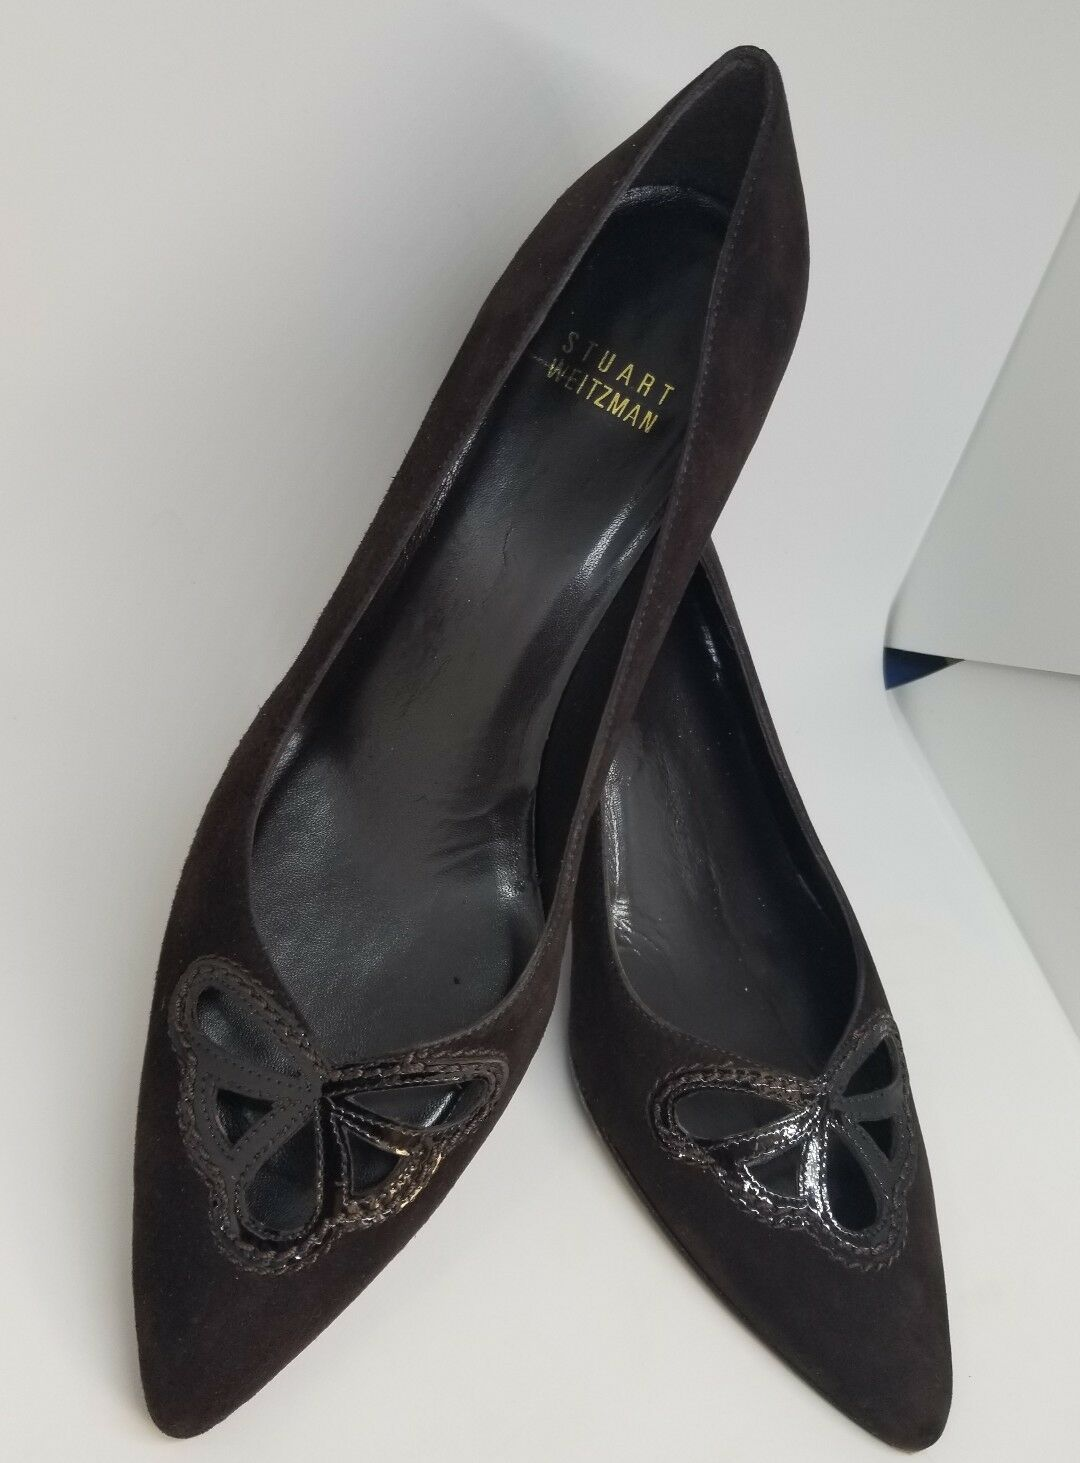 STUART WEITZMAN Braun Suede Heel Classic heels Schuhes  98217 Sz 8M